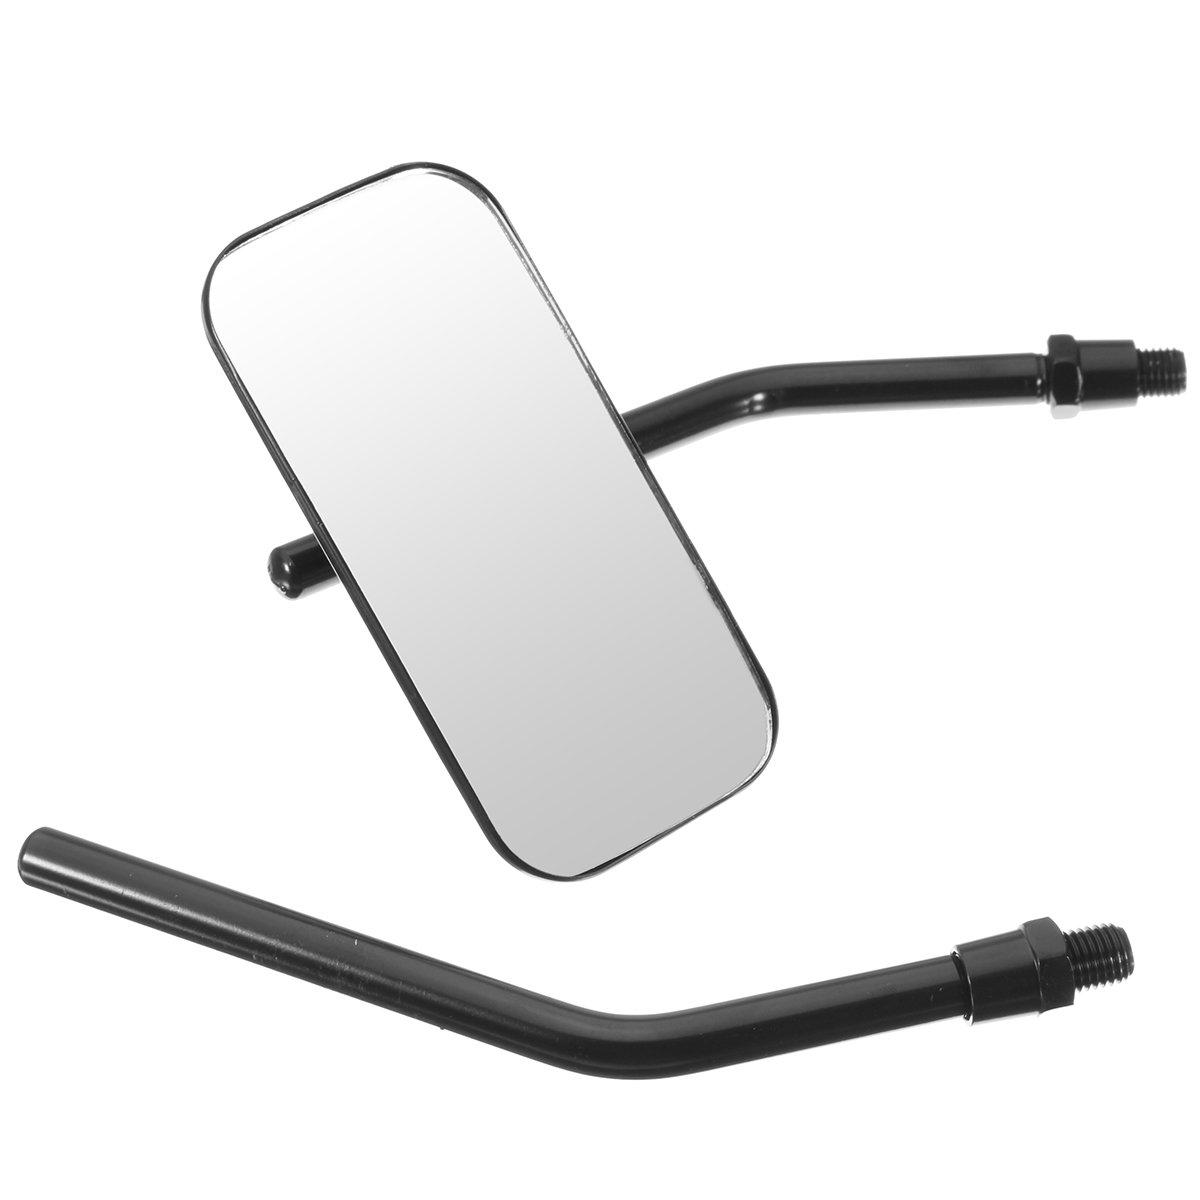 Alamor Specchi Retrovisori Per Retrovisione Quadrati Classici Moto Retr/ò Per Harley Thruxton Bonneville